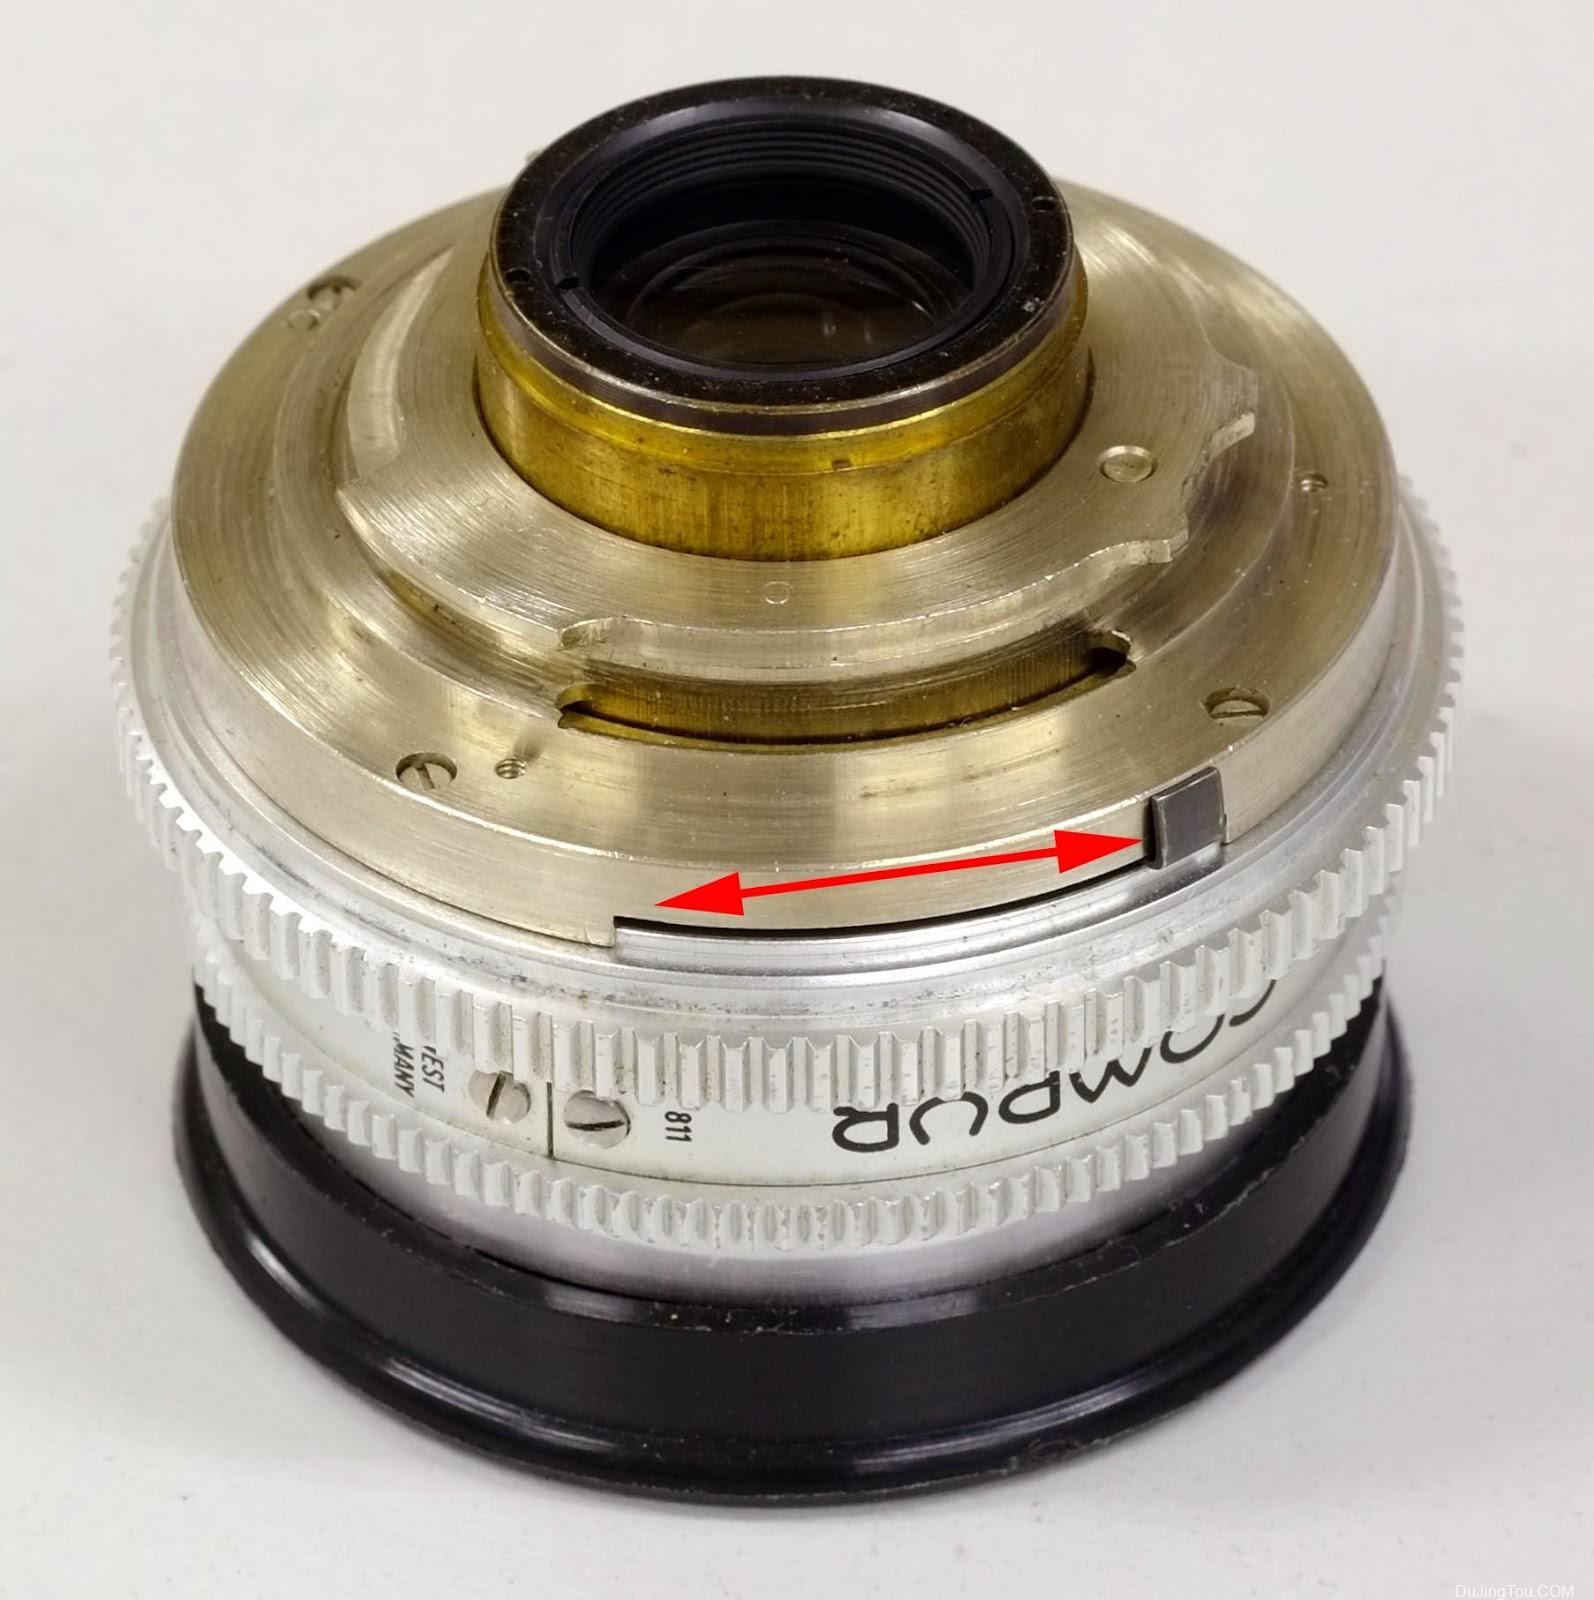 Voigtländer COLOR-SKOPAR X 50mm F2.8(DKL卡口)镜头测试及样片